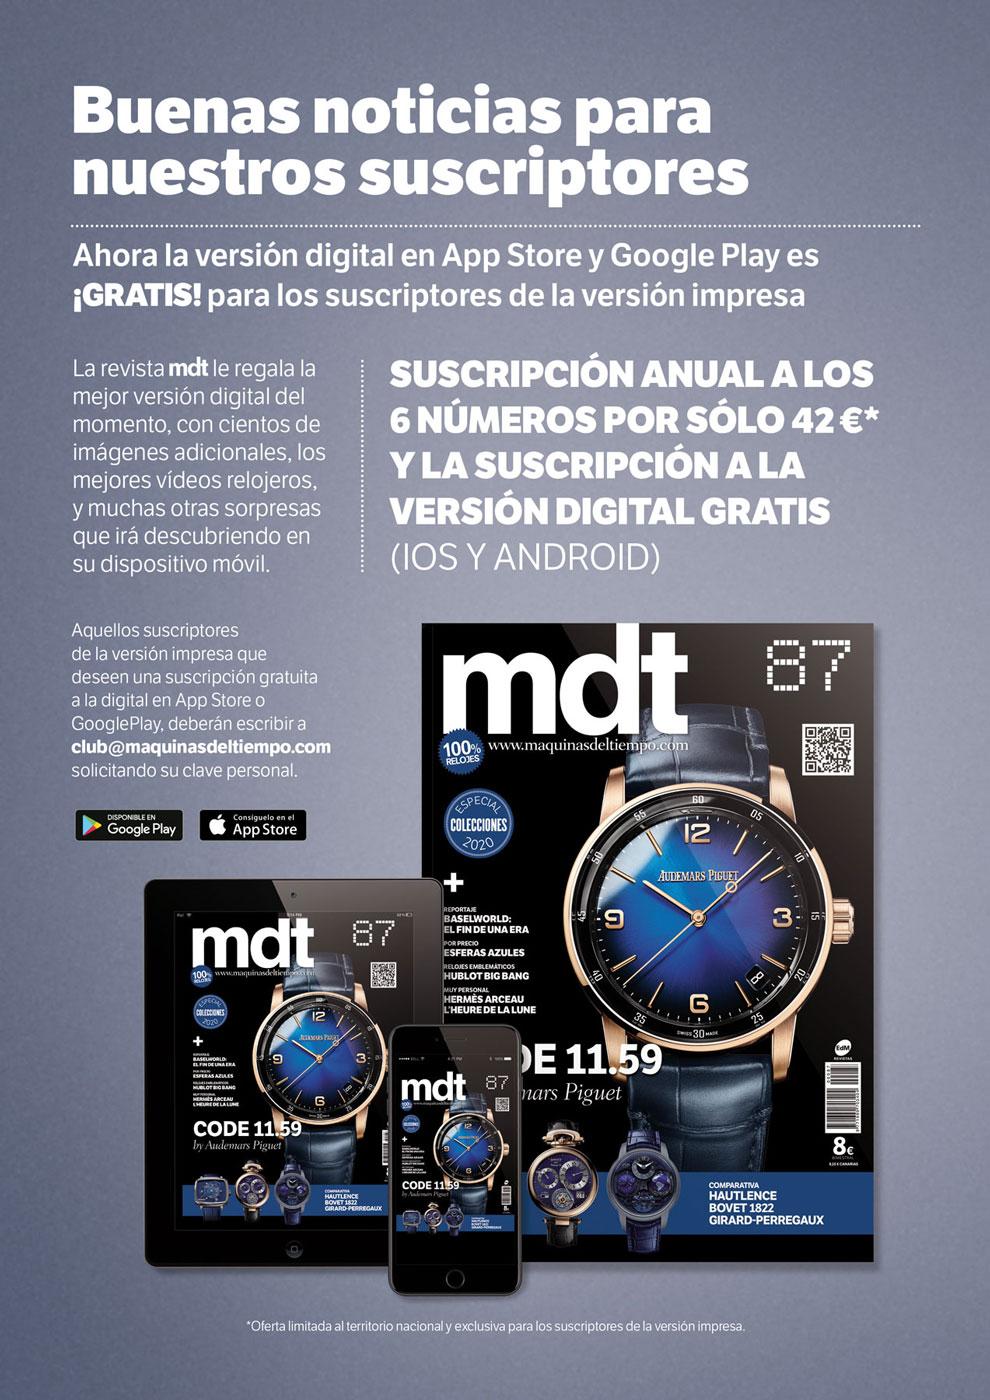 Promo-Ofertas-Subscriptores-MDT-87